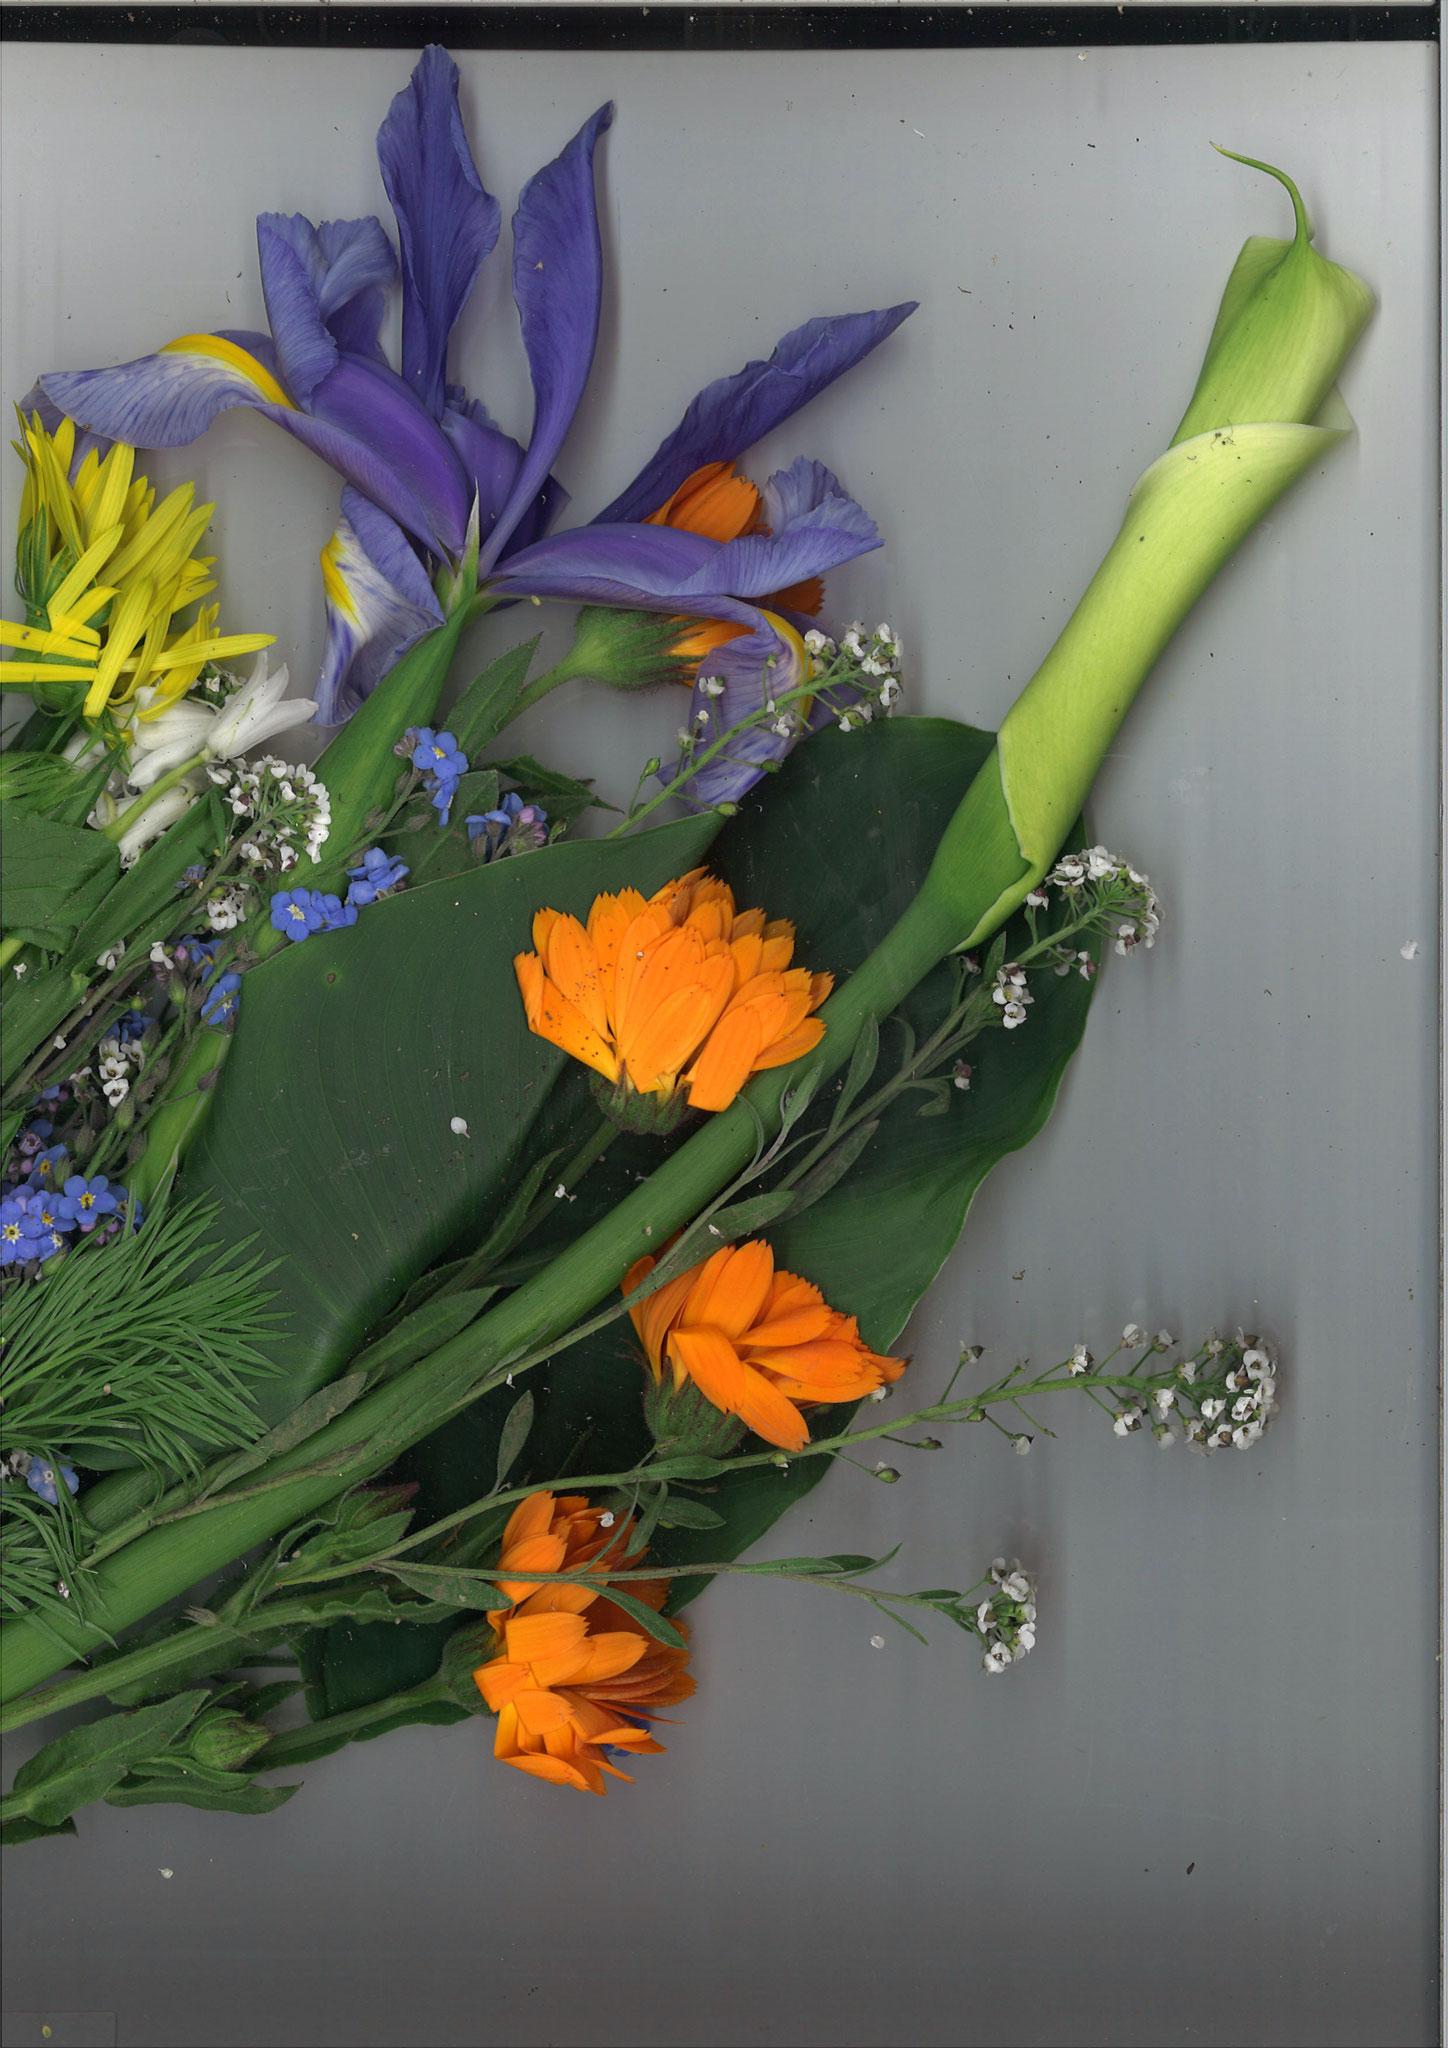 Quelques fleurs... scannées... en soutien... aux